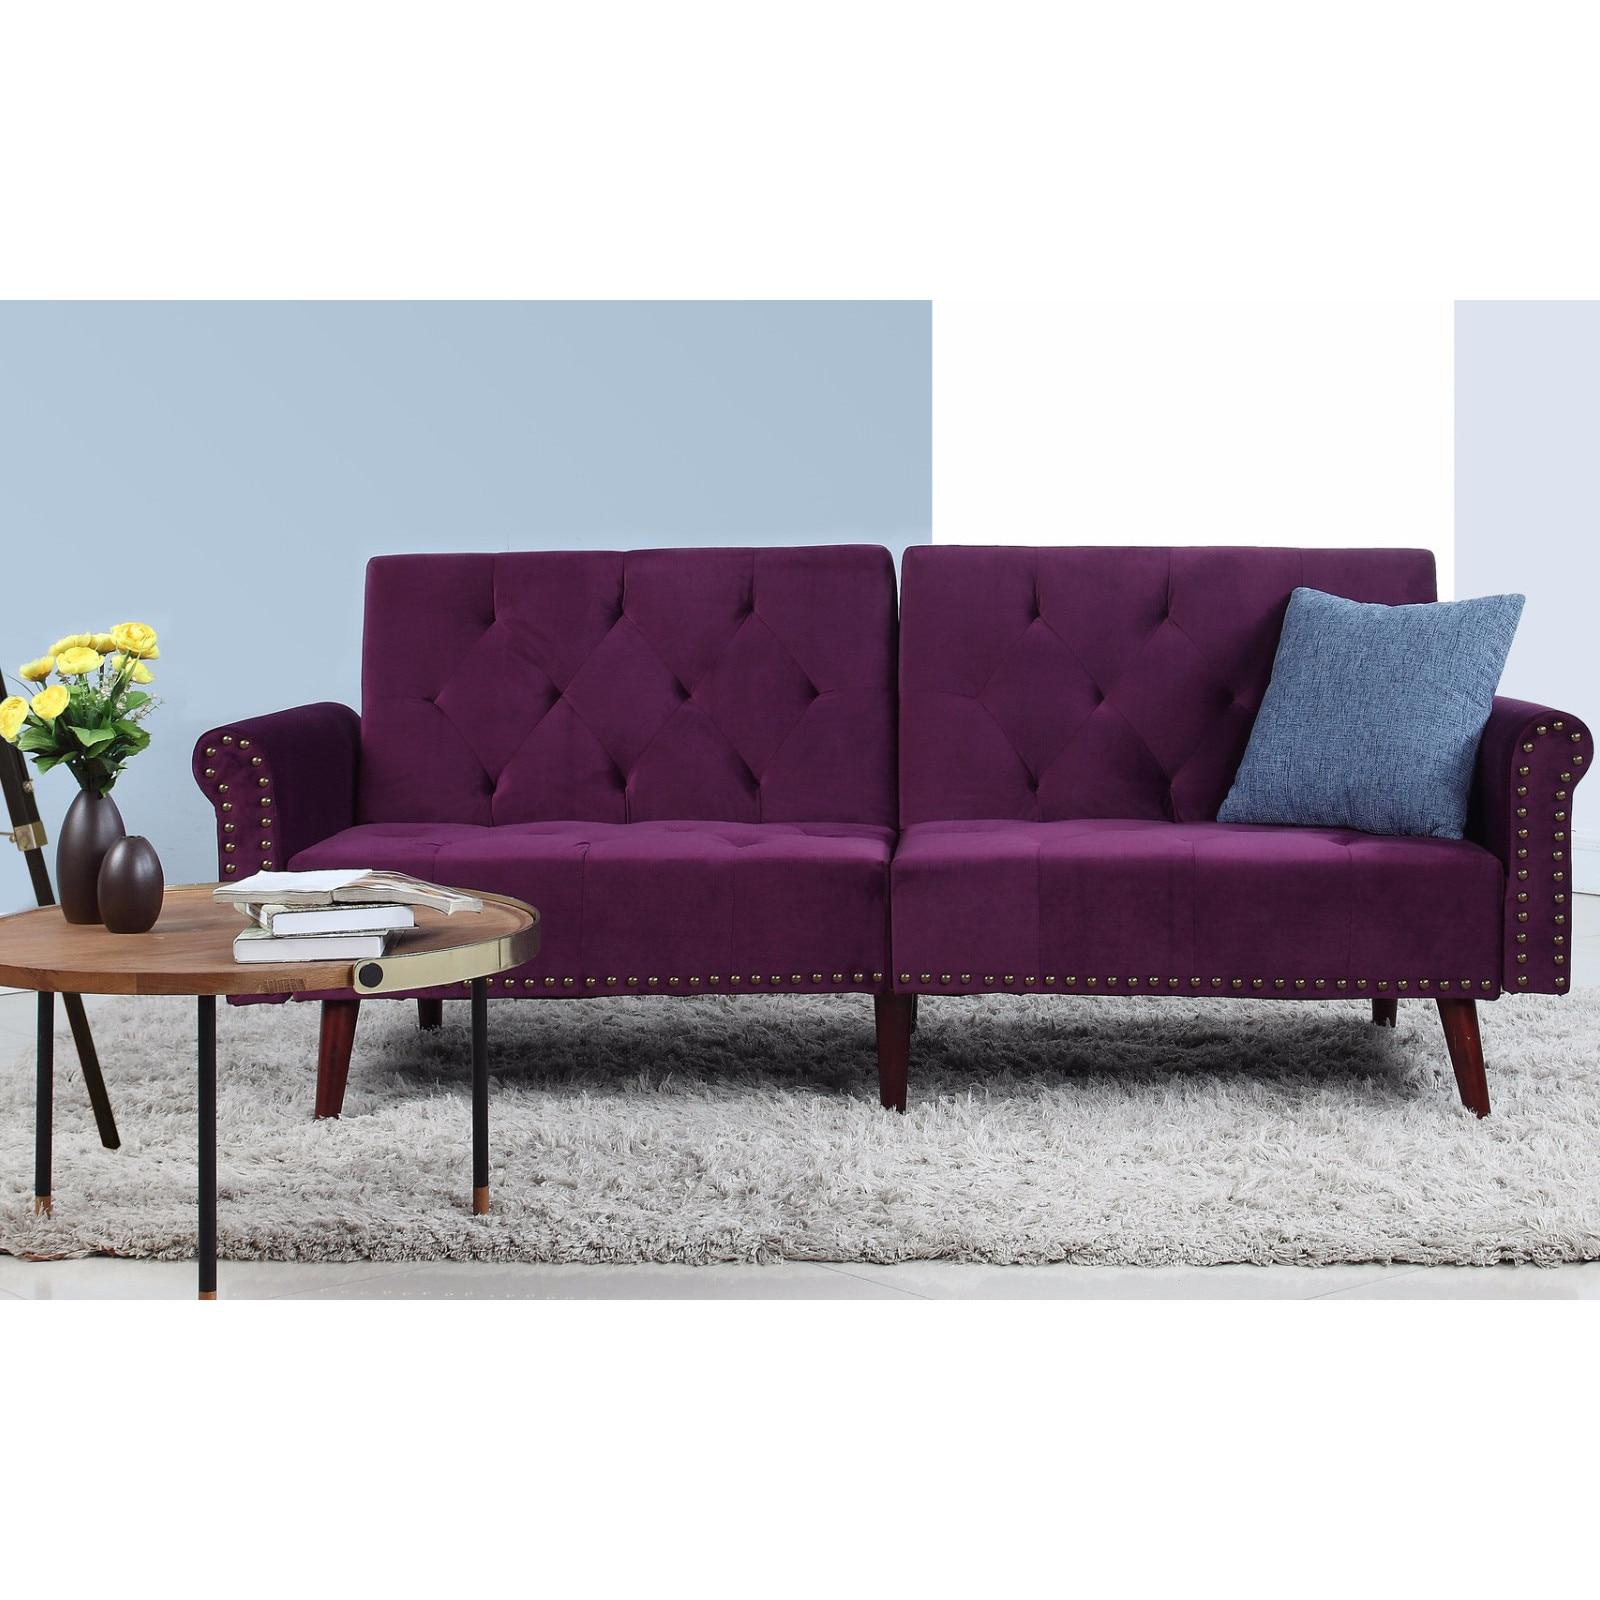 Futon Purple